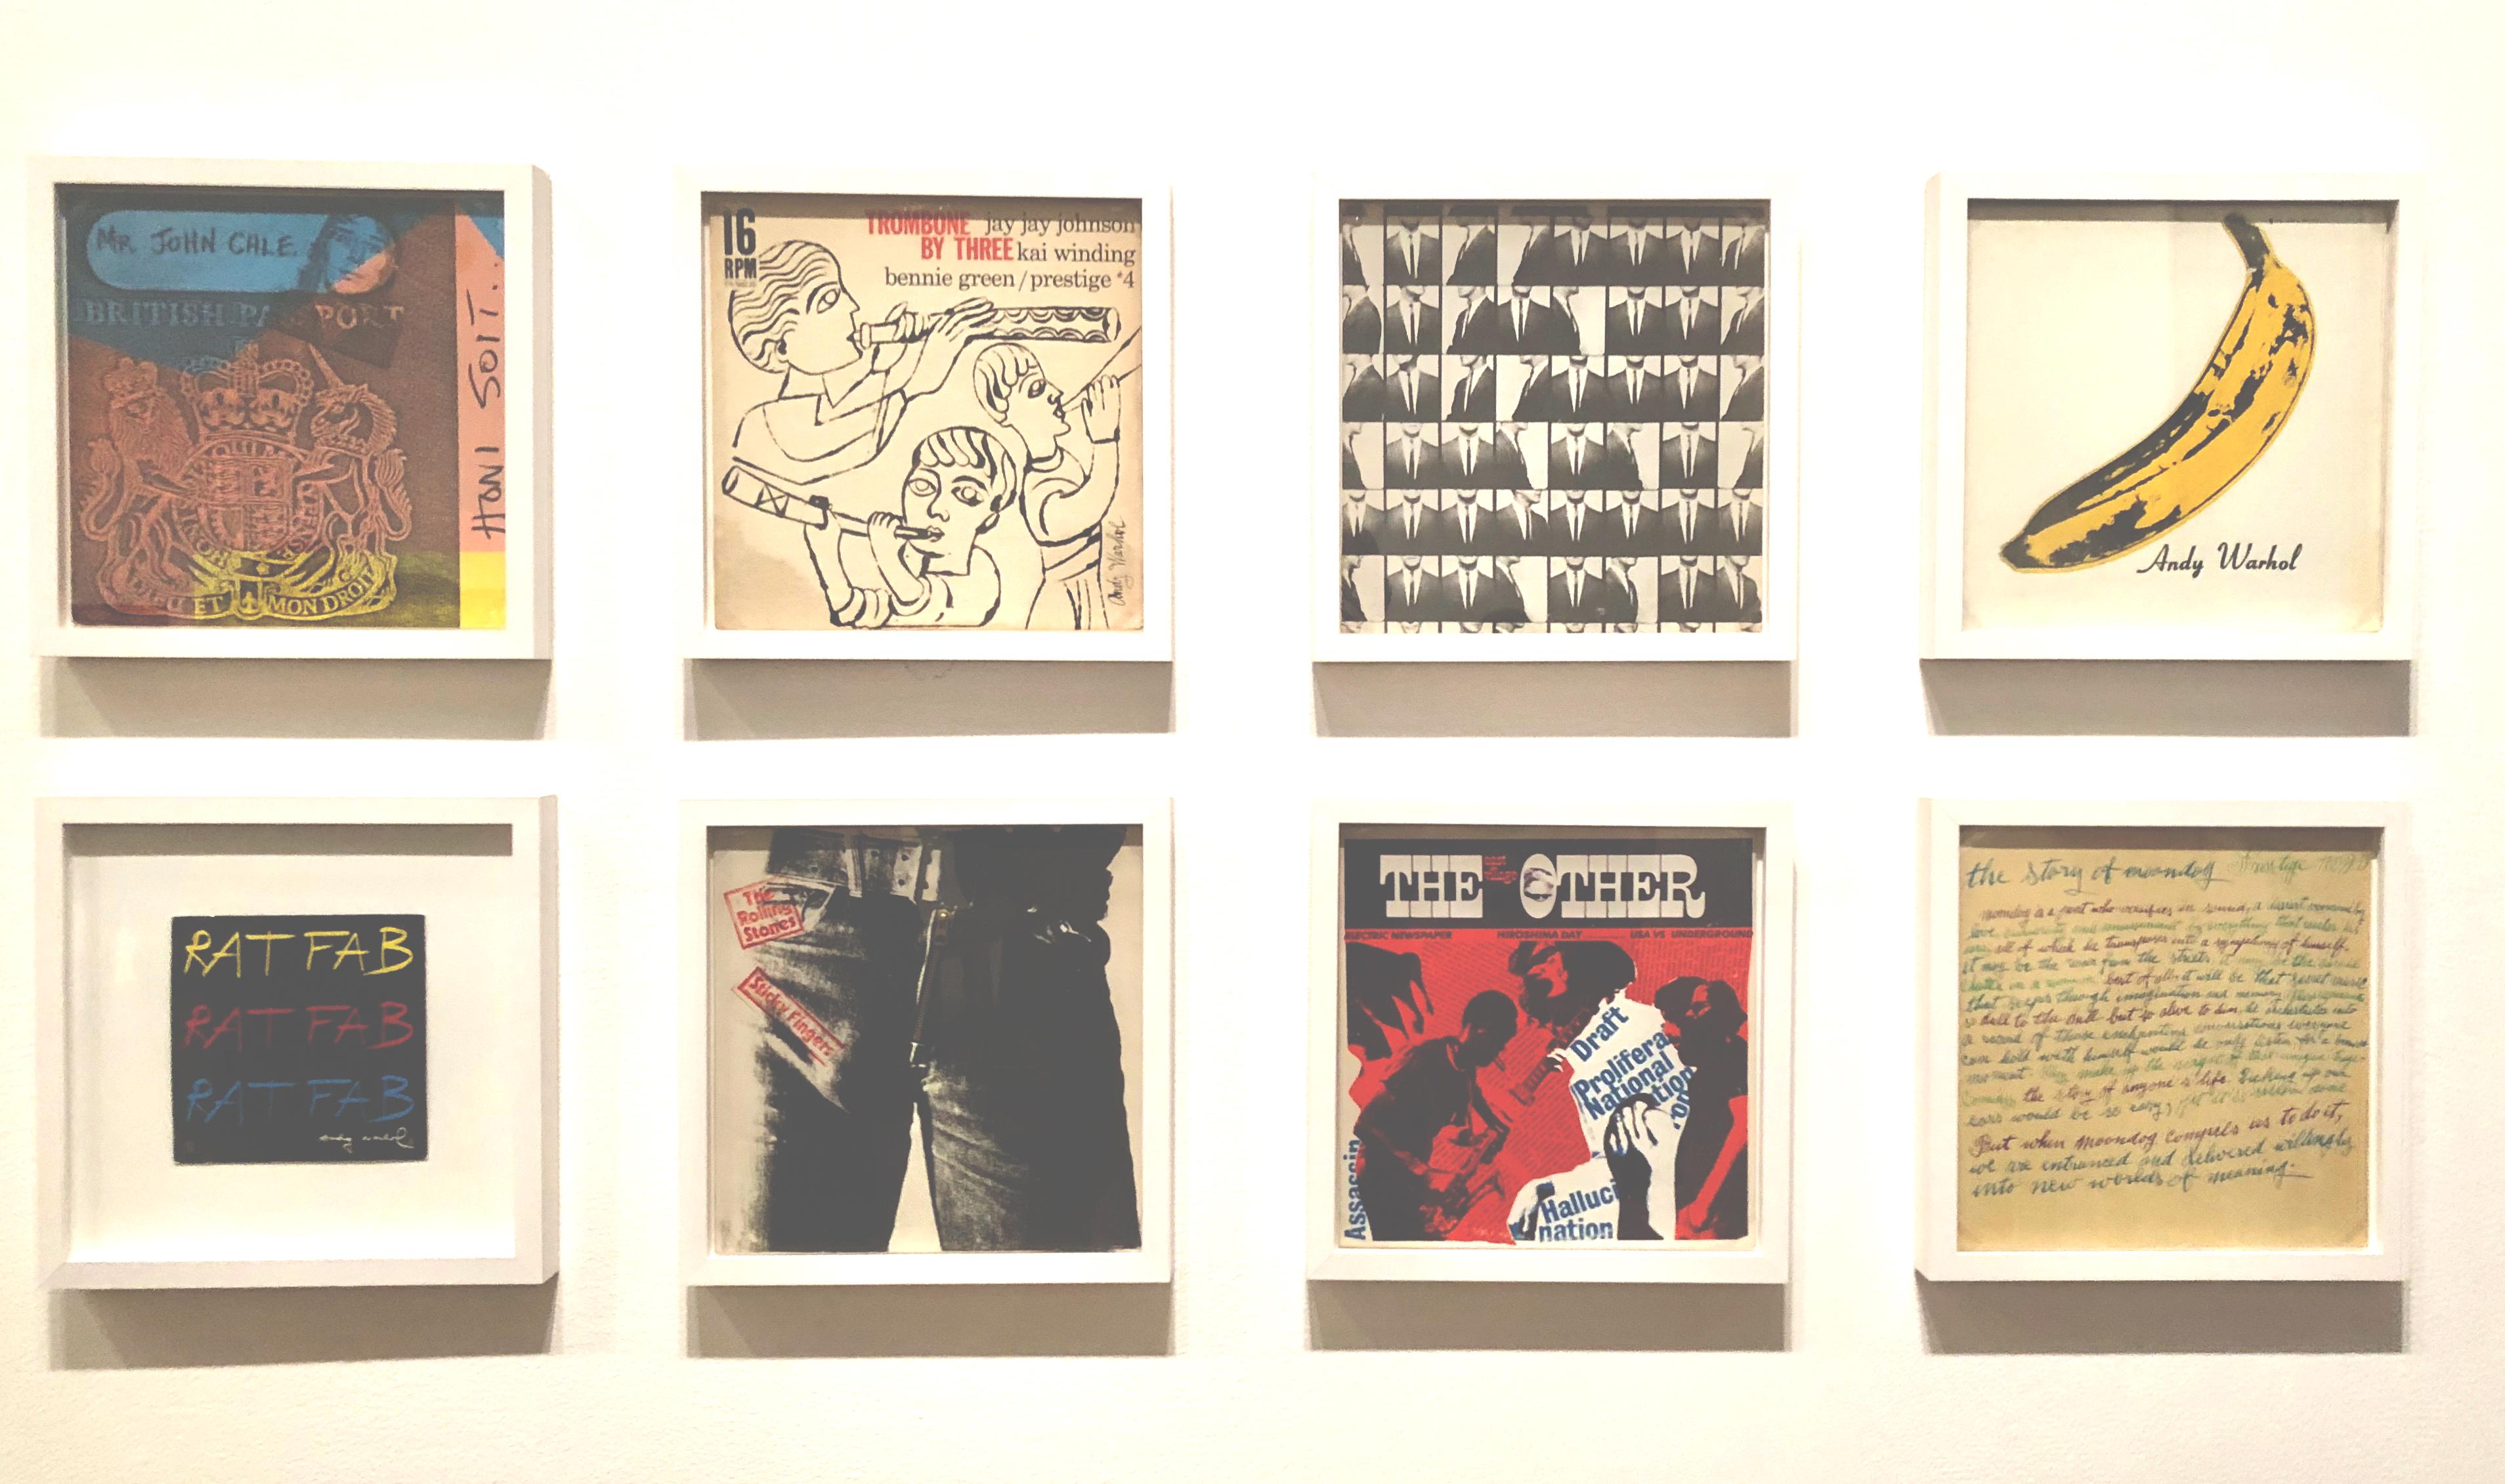 Warhol 1968-covers